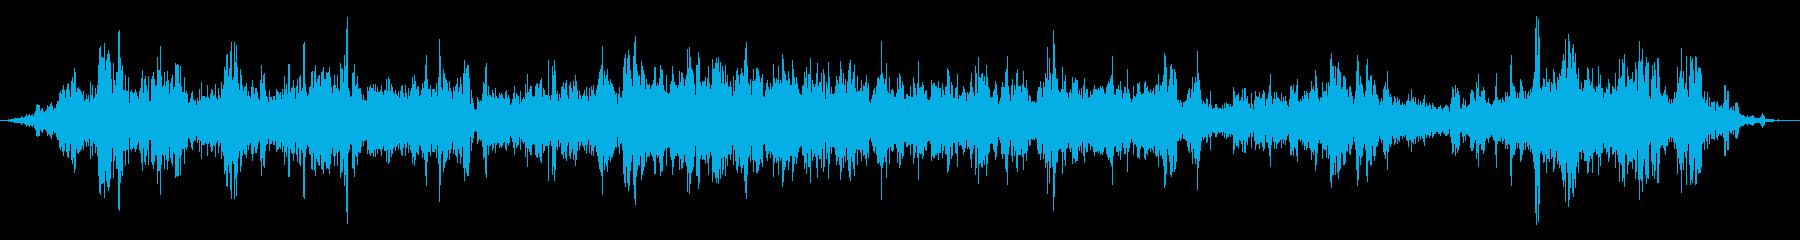 ローハウリングエイリアンウィンドウィンドの再生済みの波形